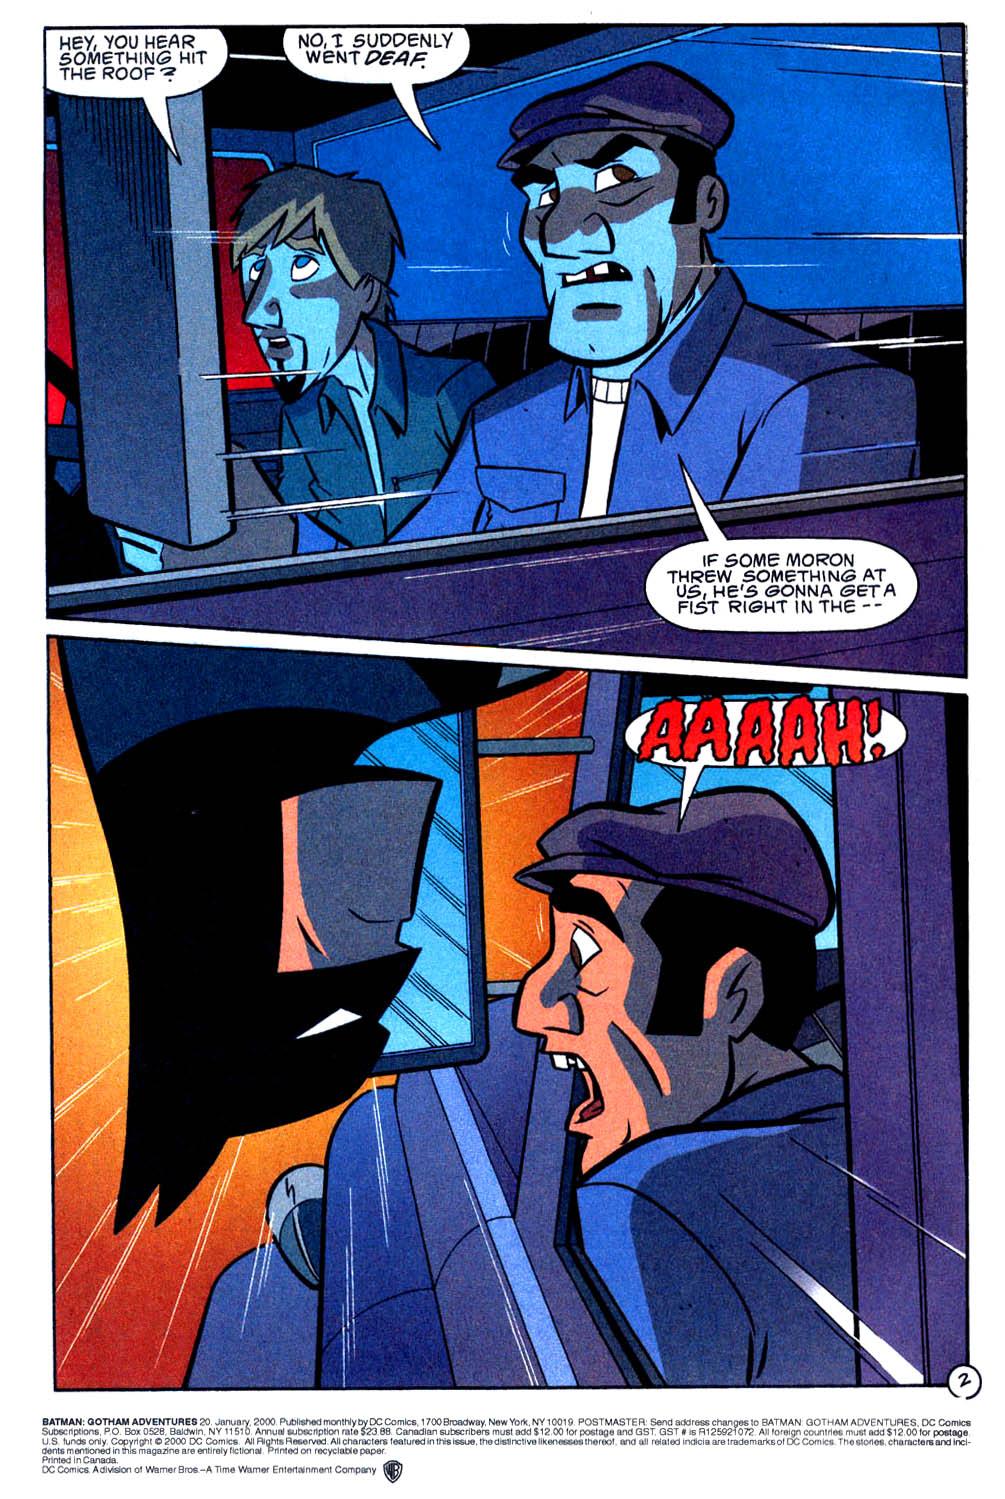 Comic Batman: Gotham Adventures issue 20